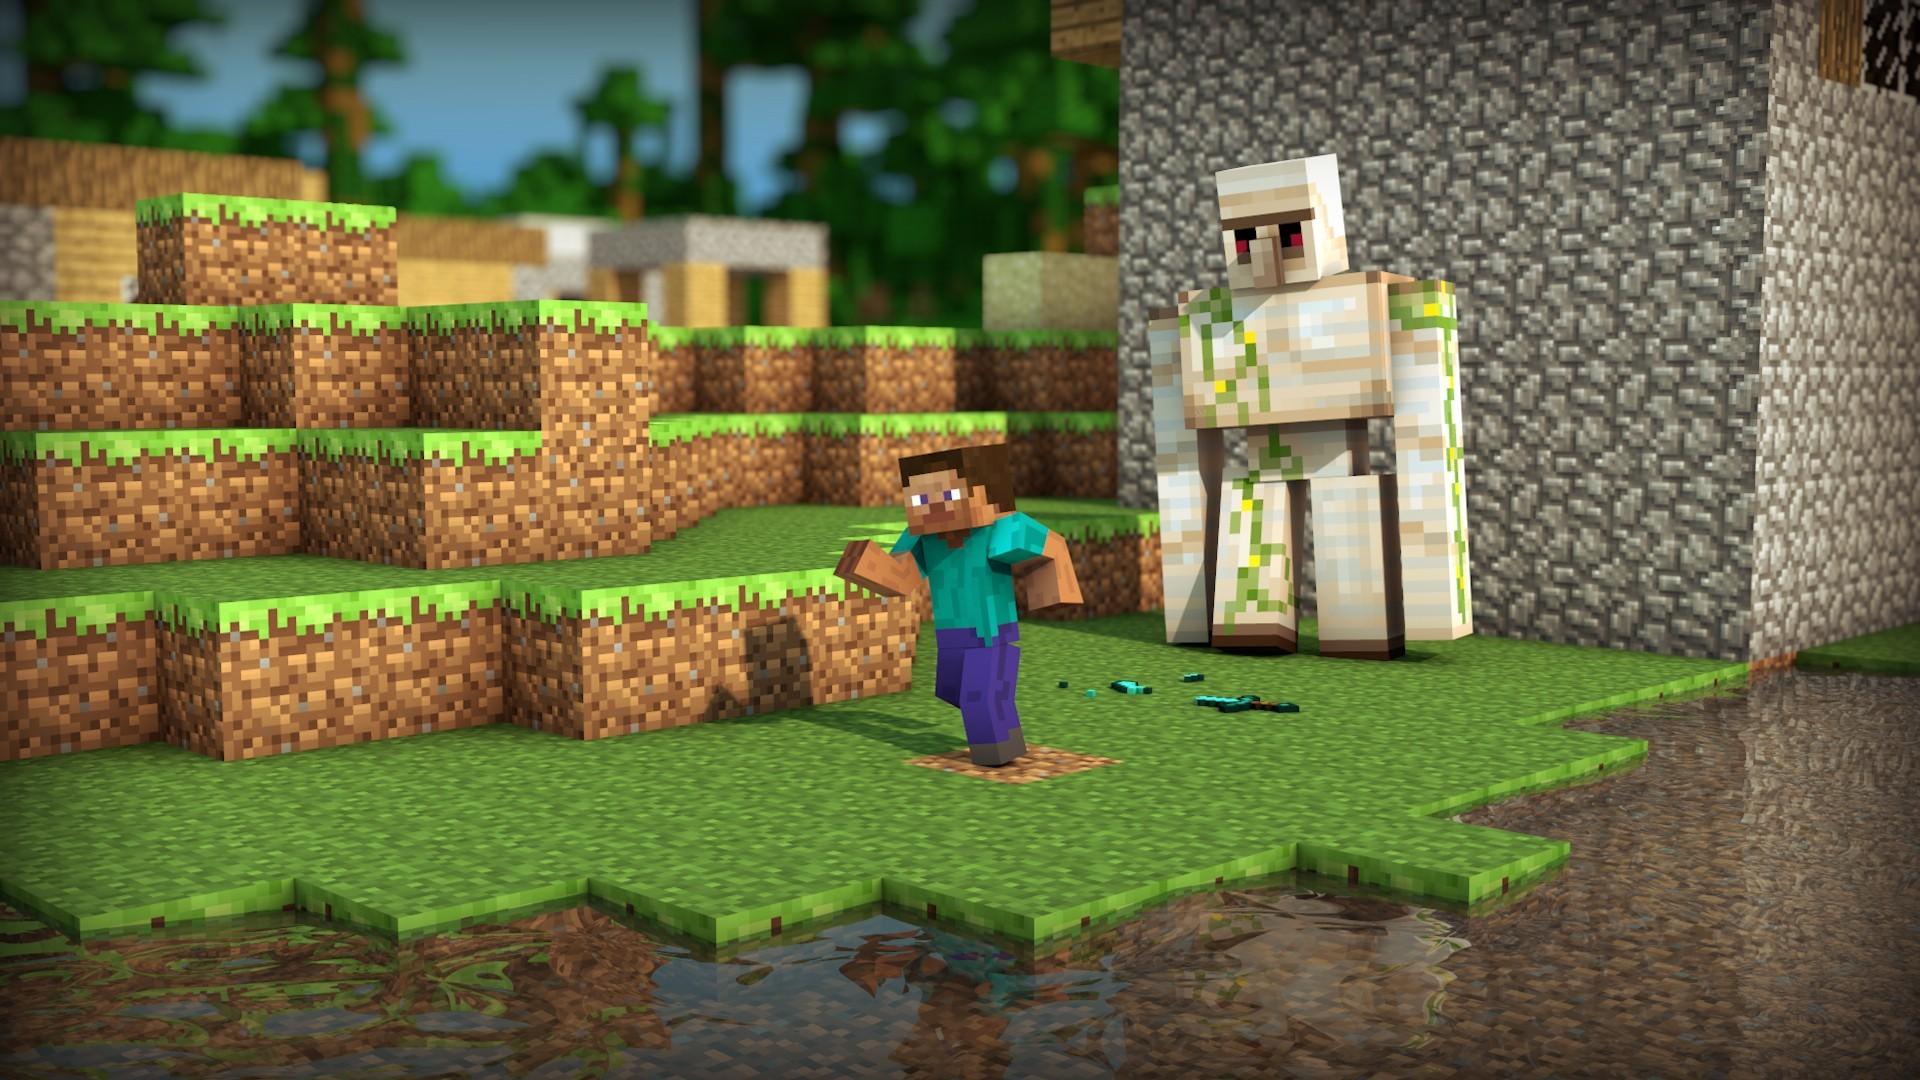 wallpaper video games grass minecraft farm steve jungle